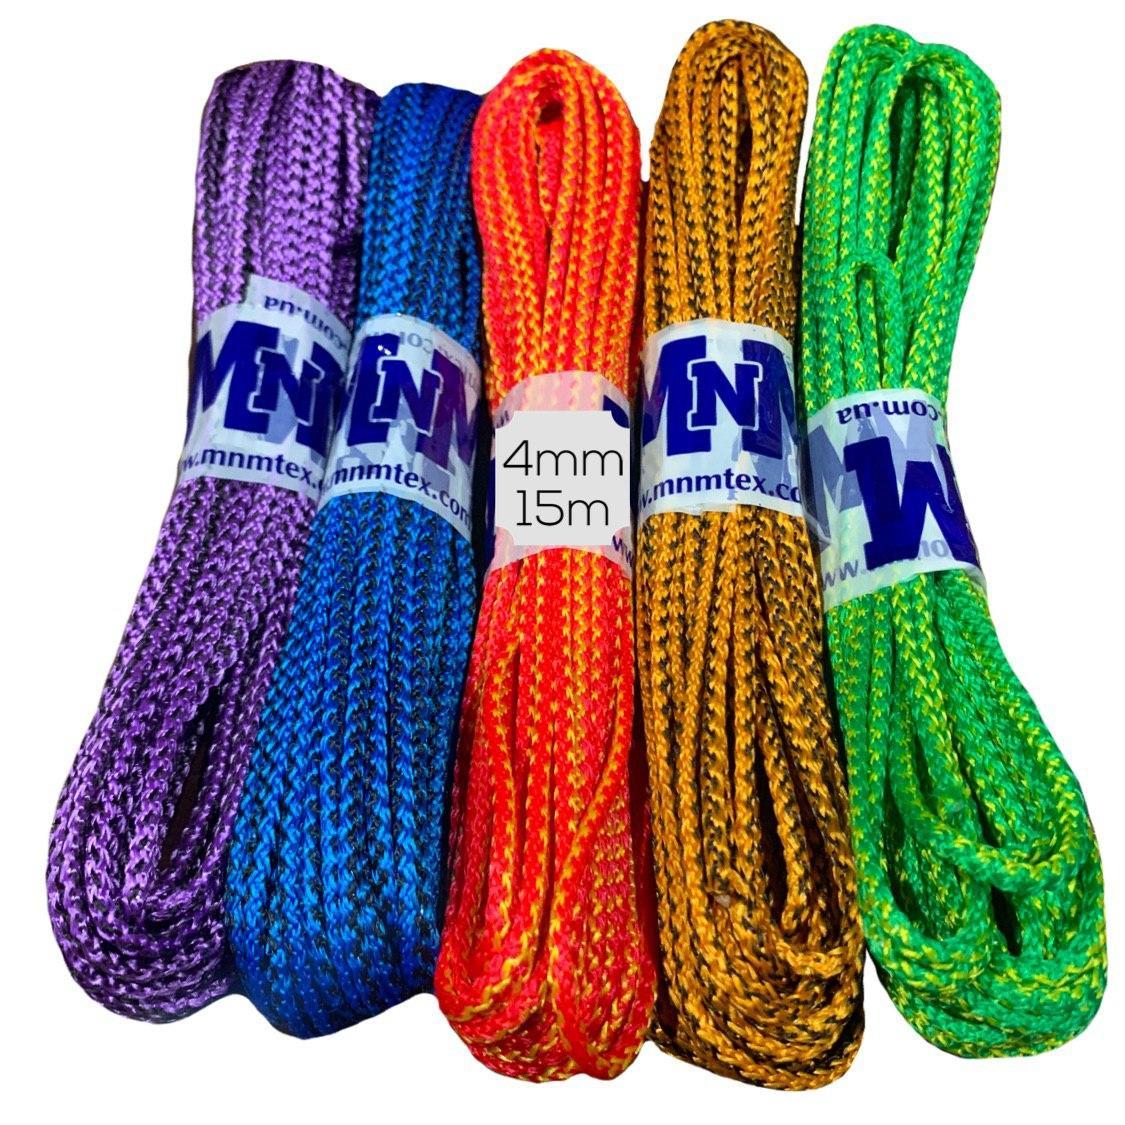 Верёвки бельевые MNM 4mm/15m плетеные, цветные